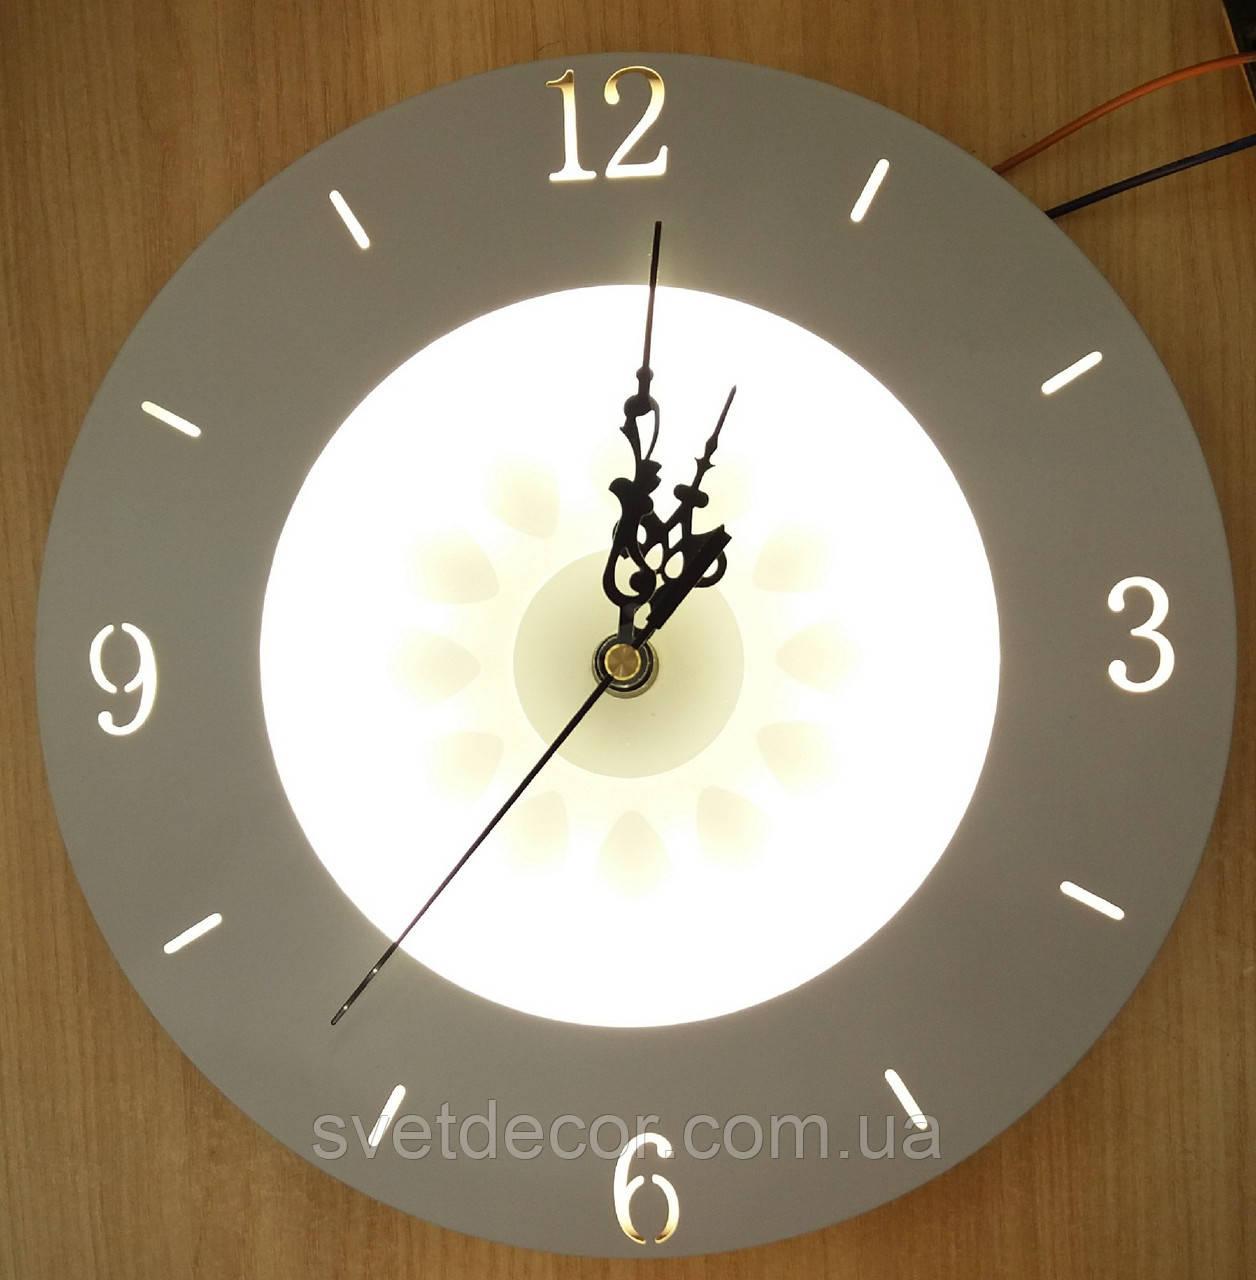 Настенные круглые стоимость часы спб ломбард 24 академическая часа